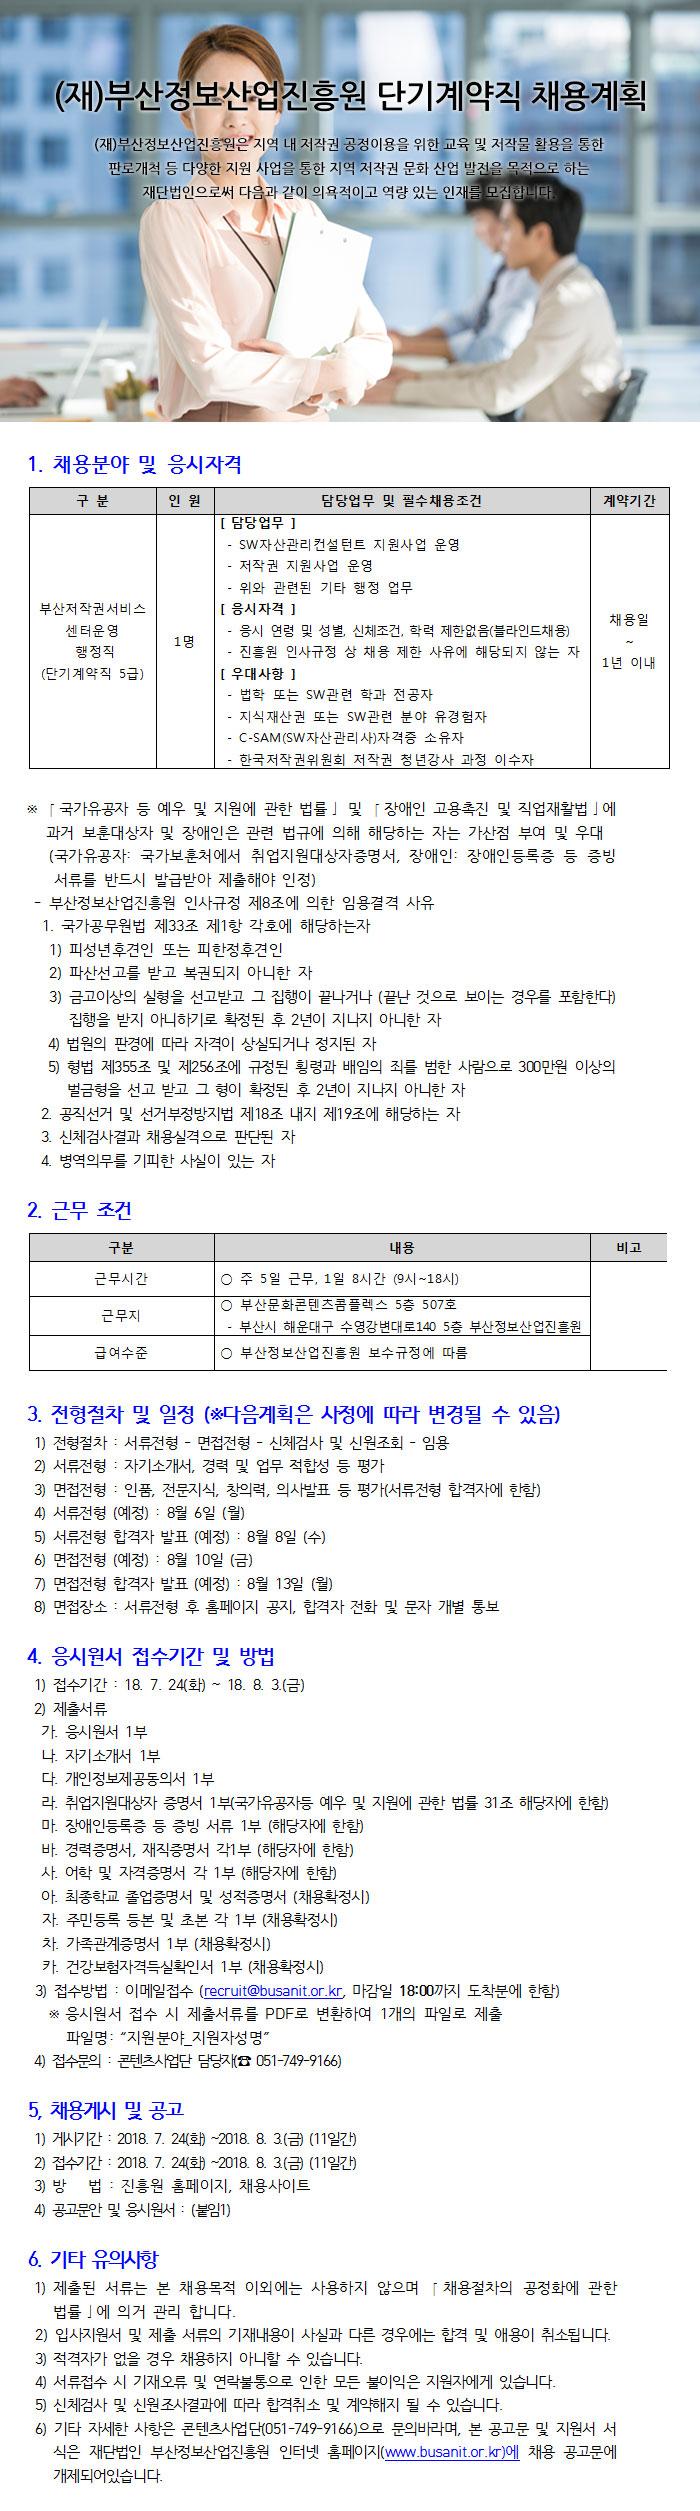 부산정보산업진흥원 부산저작권서비스센터 단기계약직 채용 공고